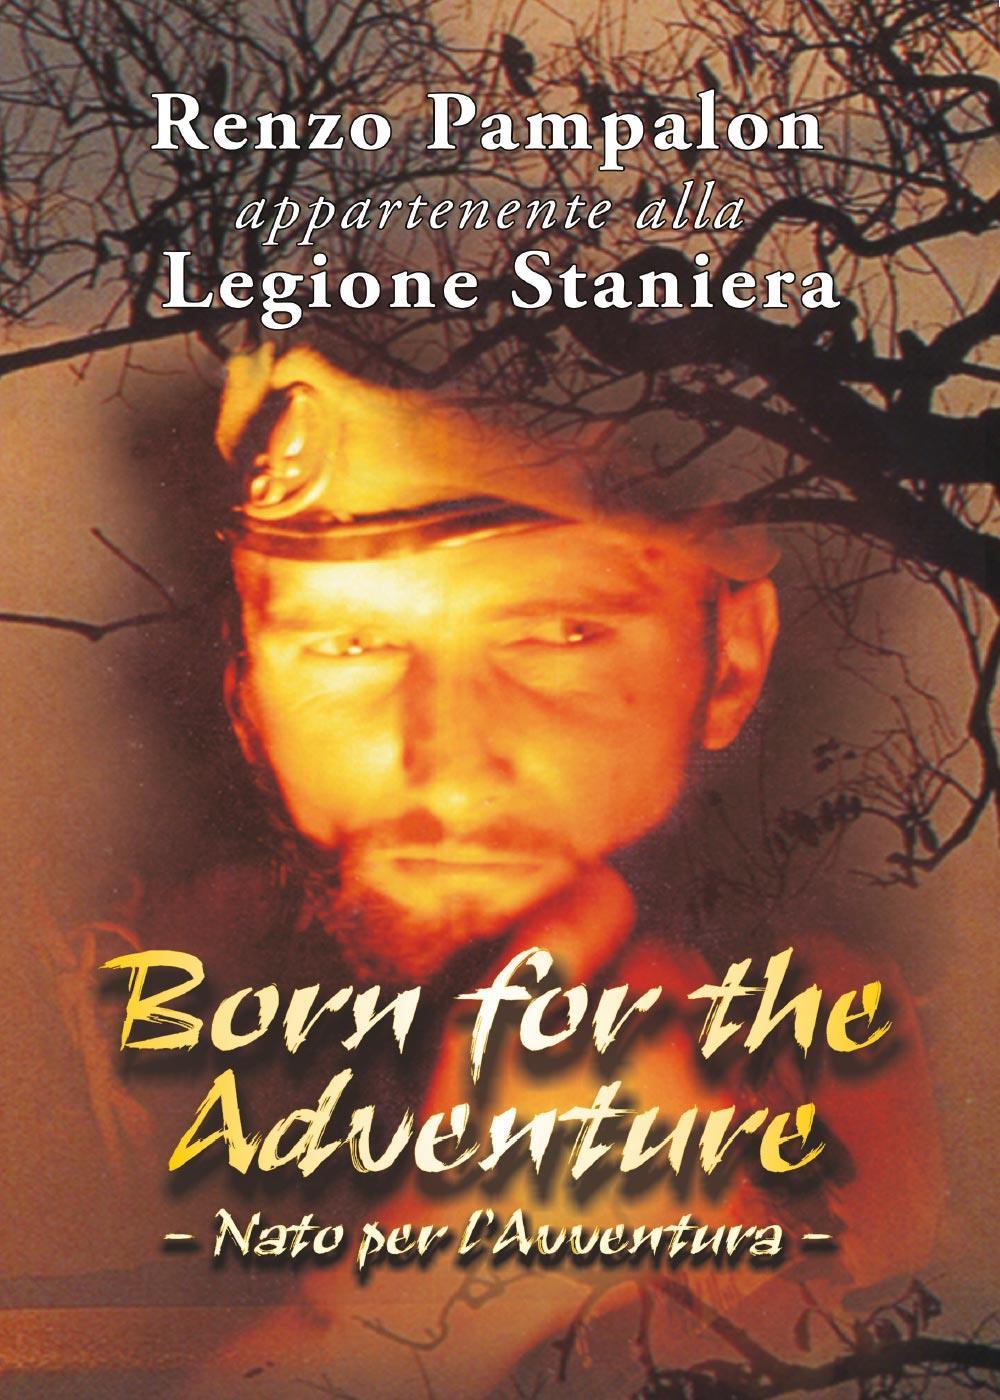 Born for the Adventure